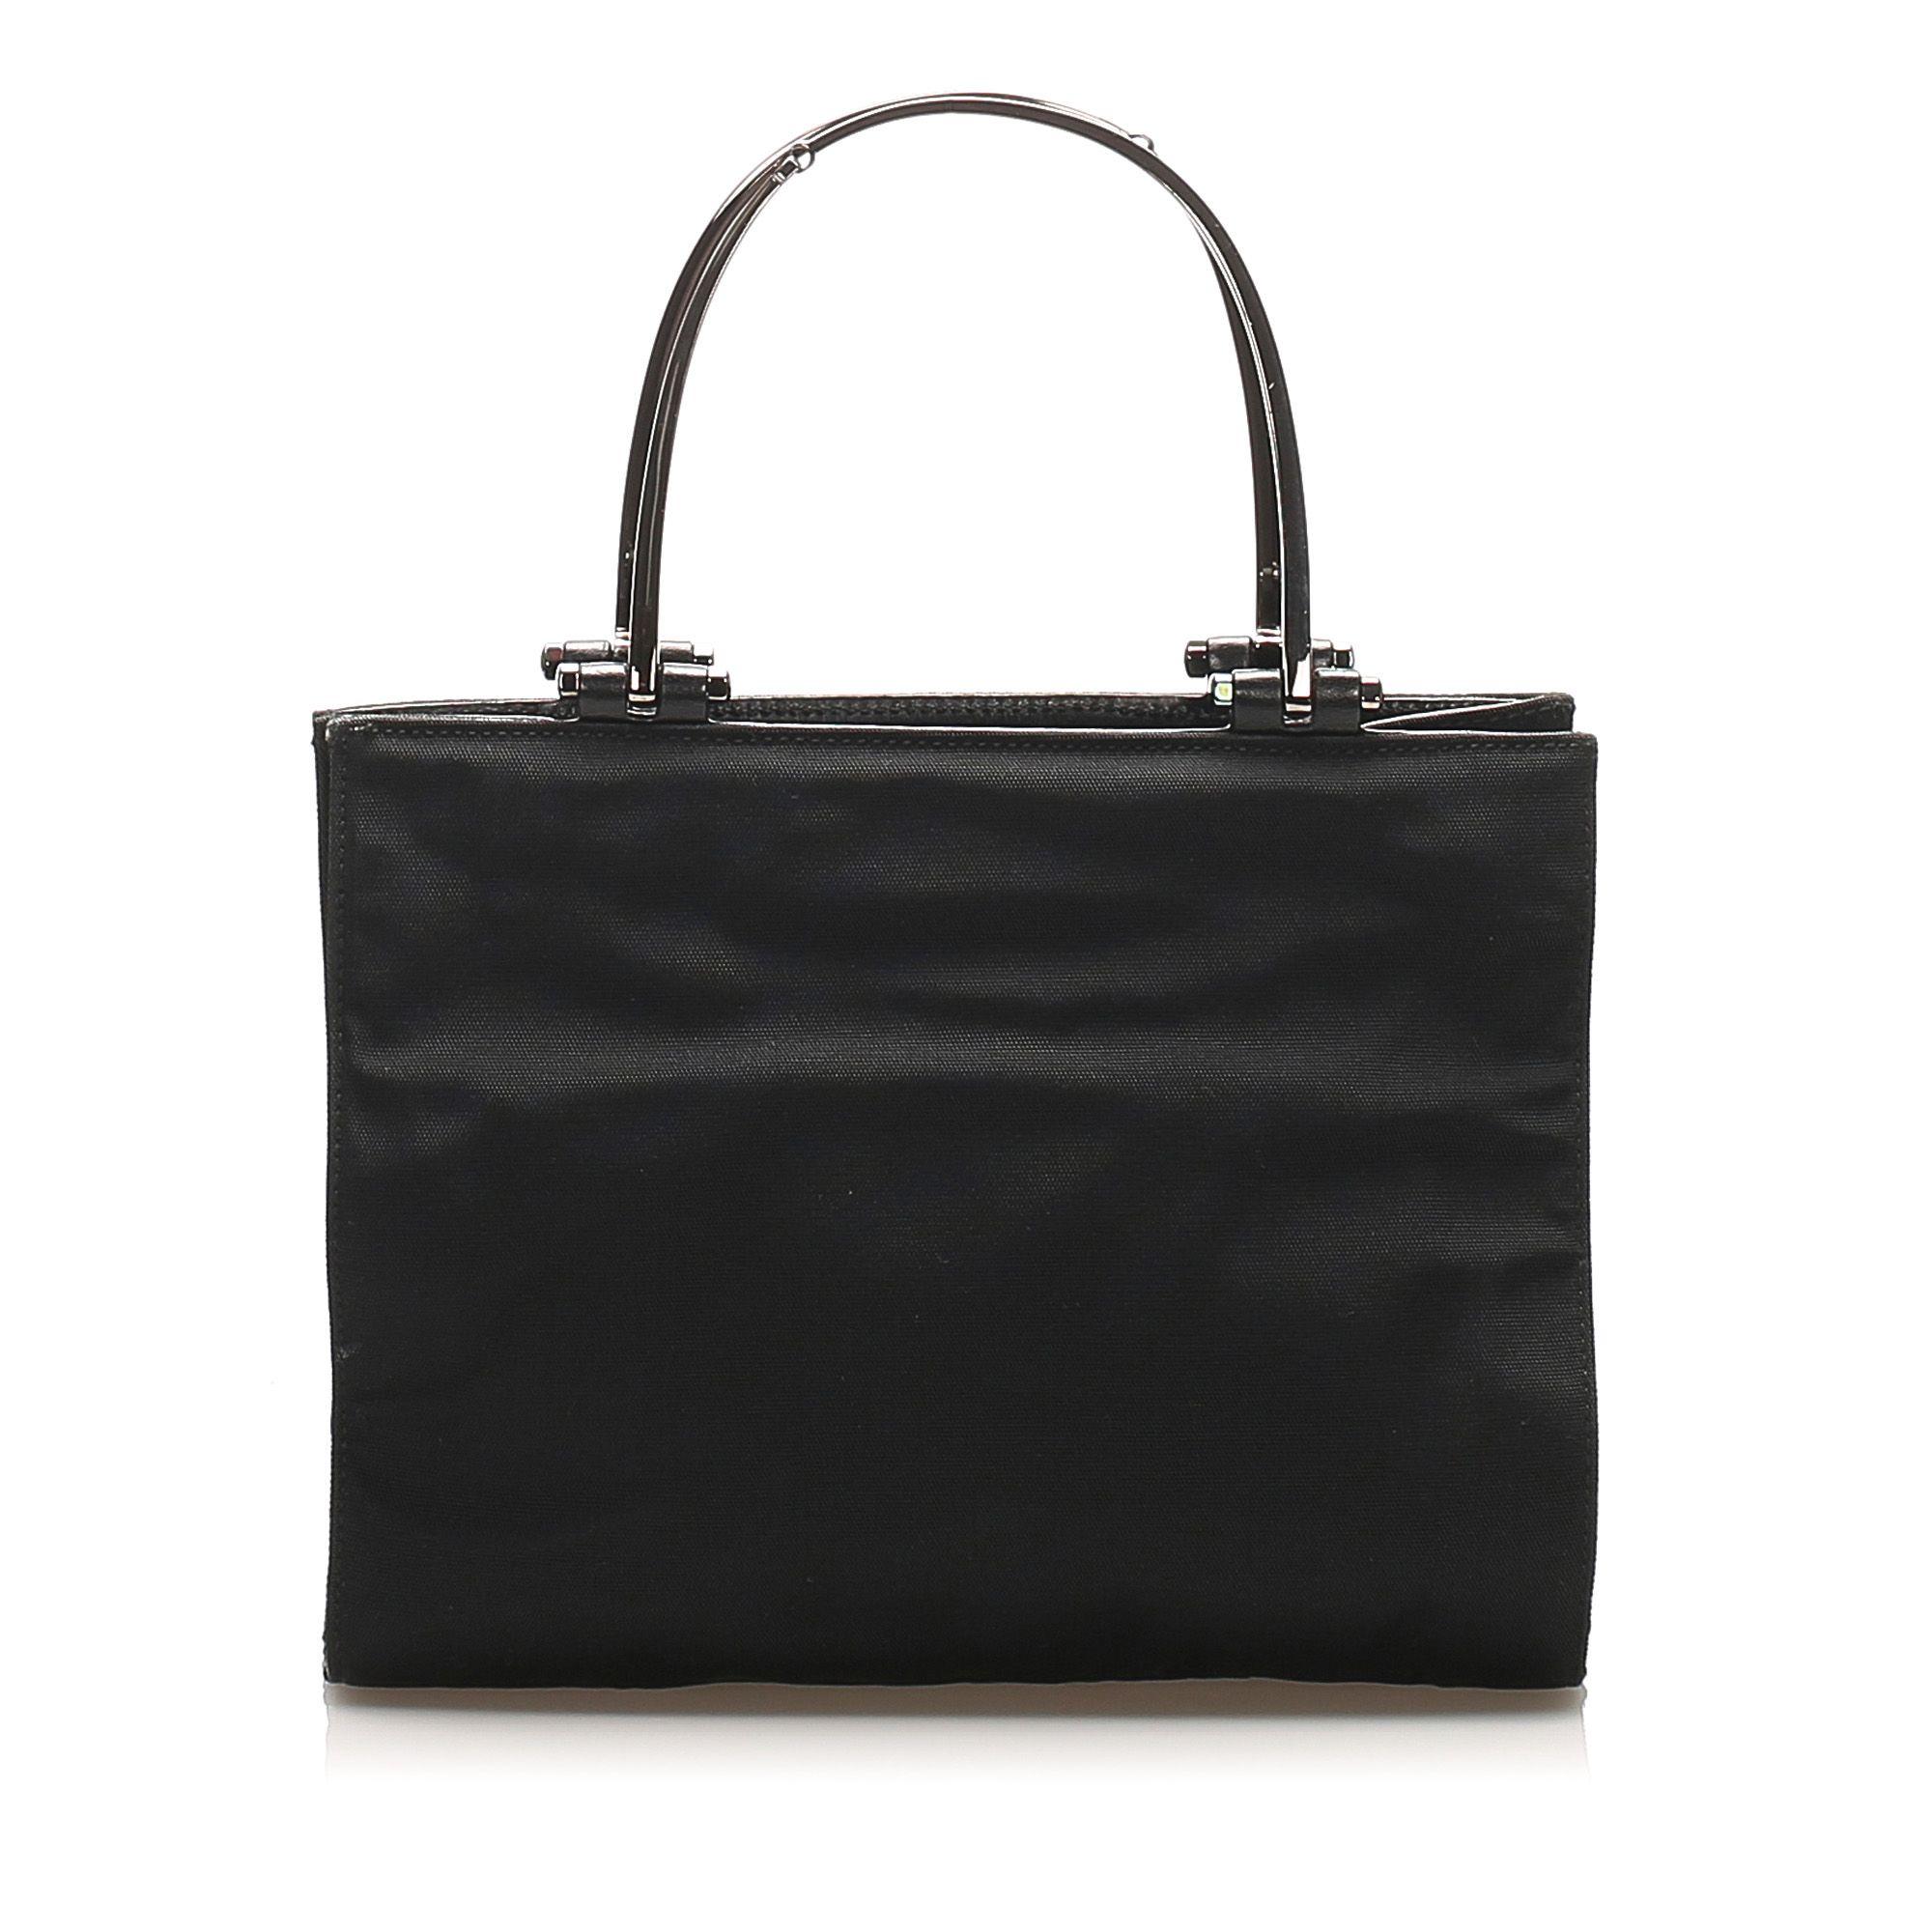 Vintage Gucci Nylon Metal Handbag Black